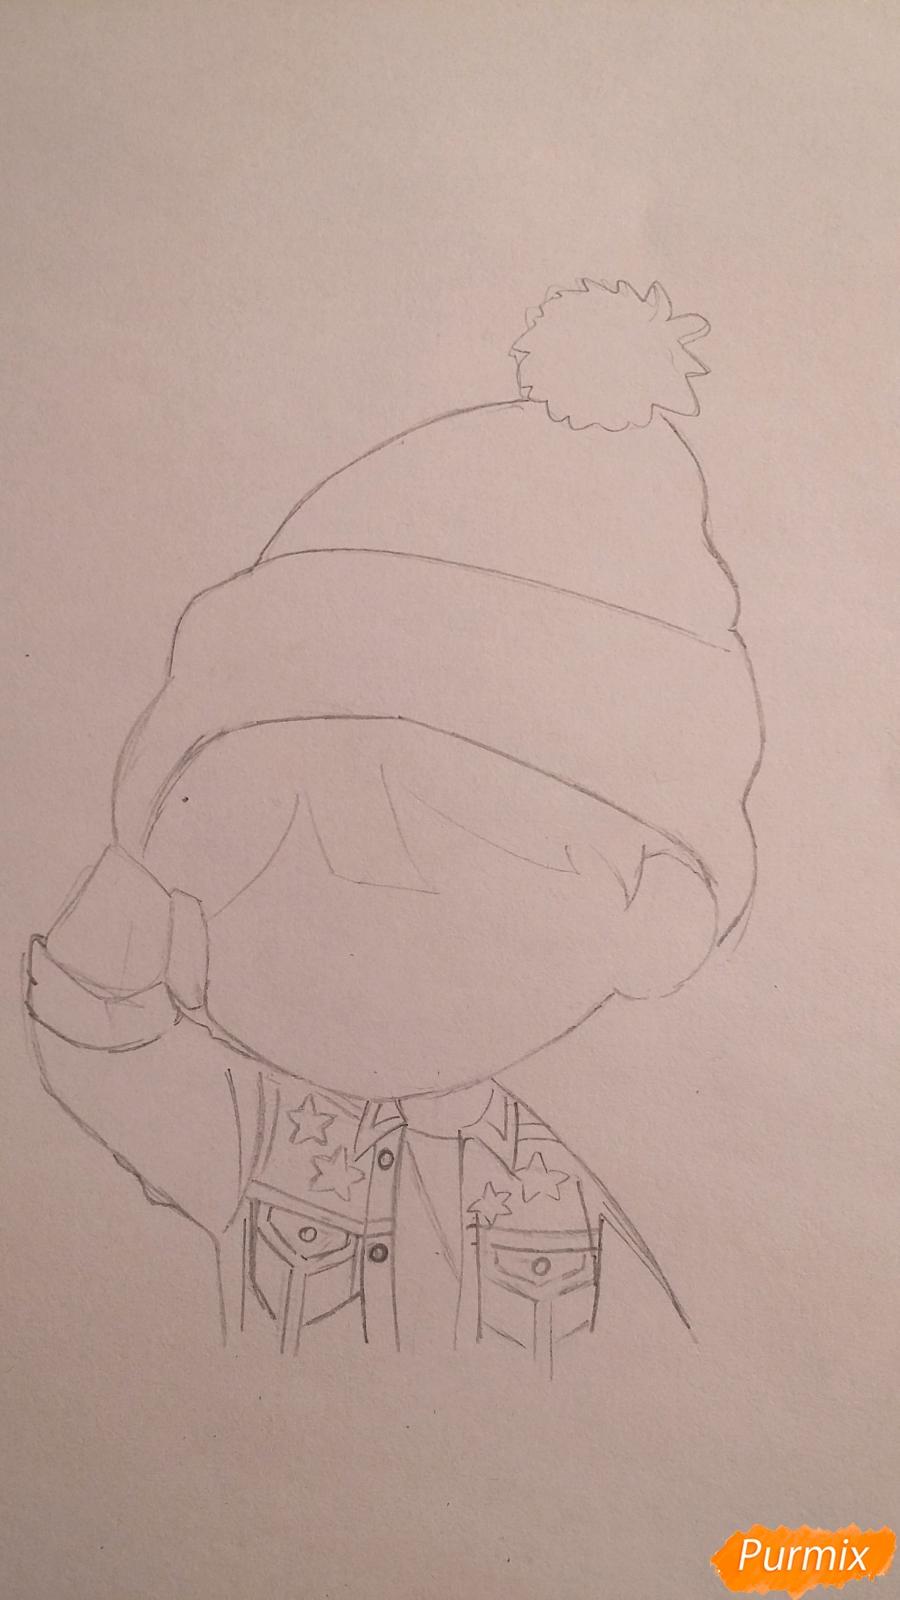 Рисуем чиби-мальчика в шапке цветными карандашами - фото 5